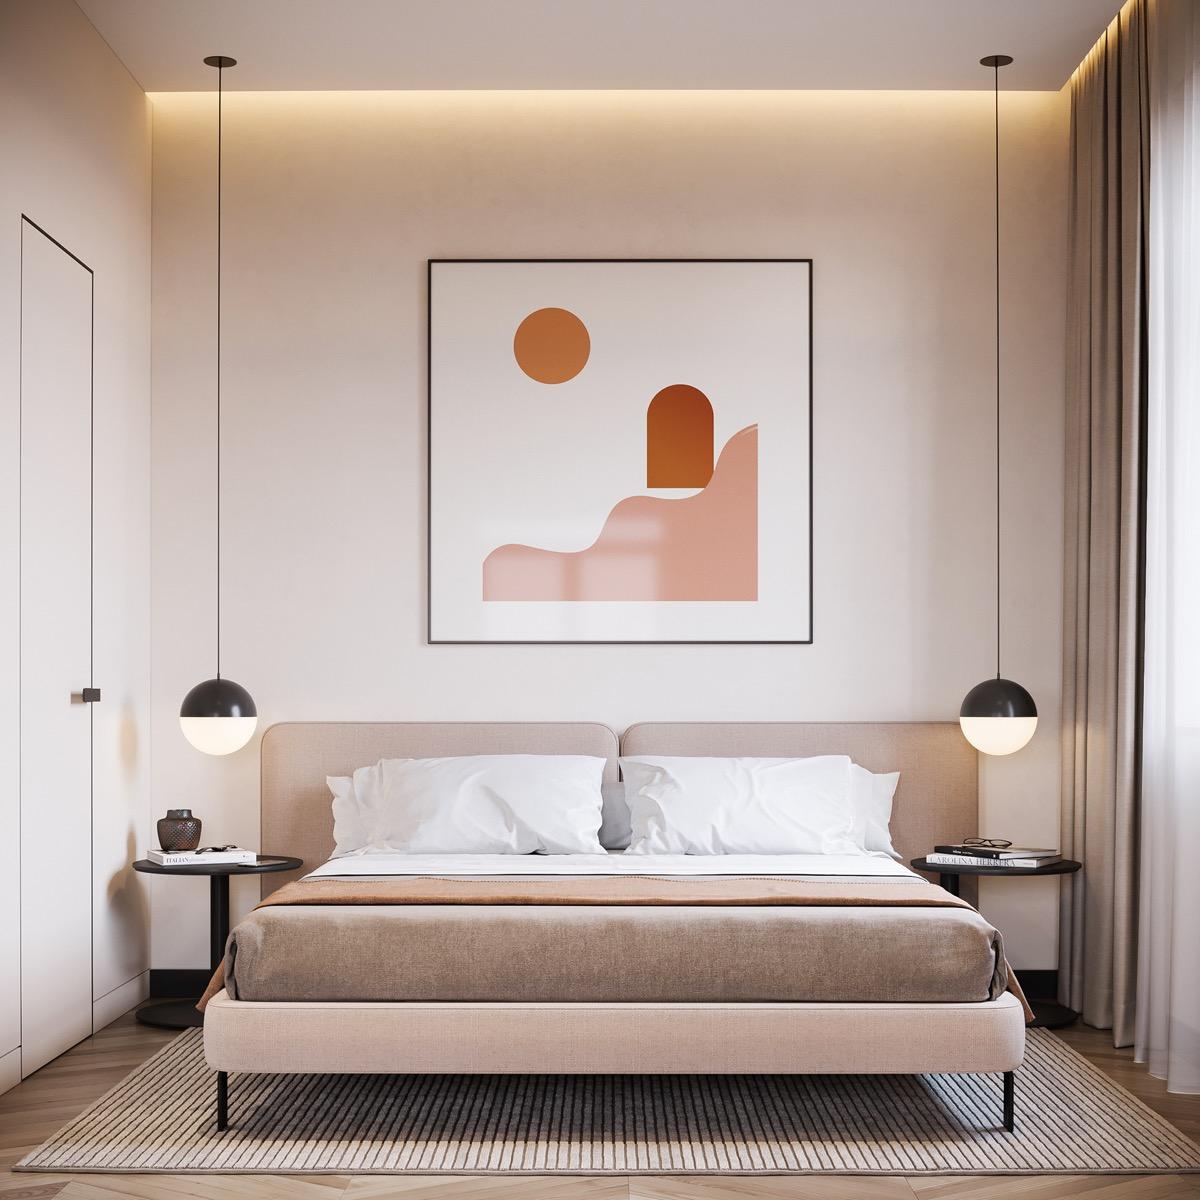 Minimalist Artistic Bedroom